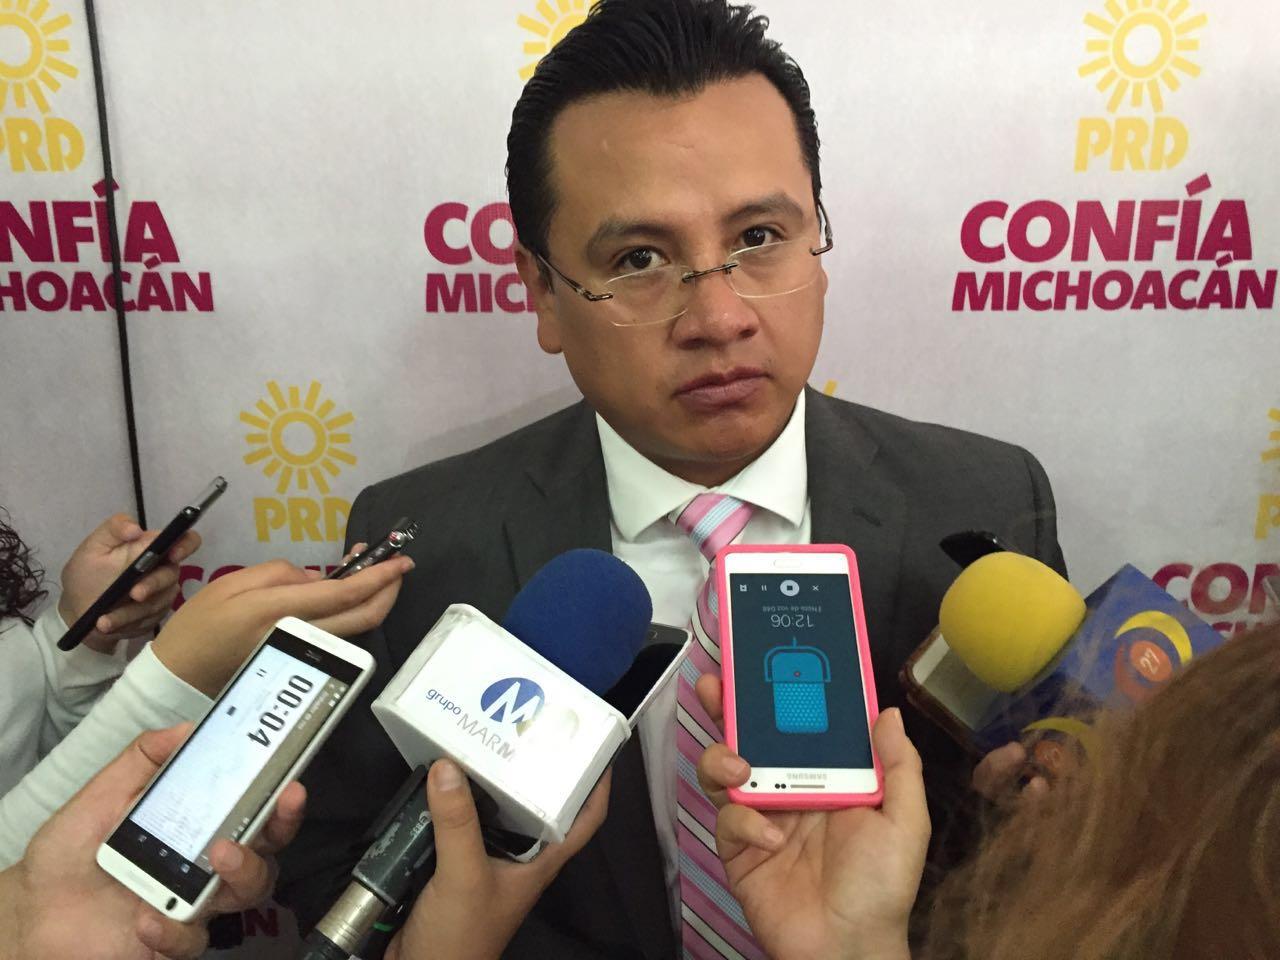 Gobiernos del PRD dan resultados tangibles en beneficio de Michoacán: Torres Piña